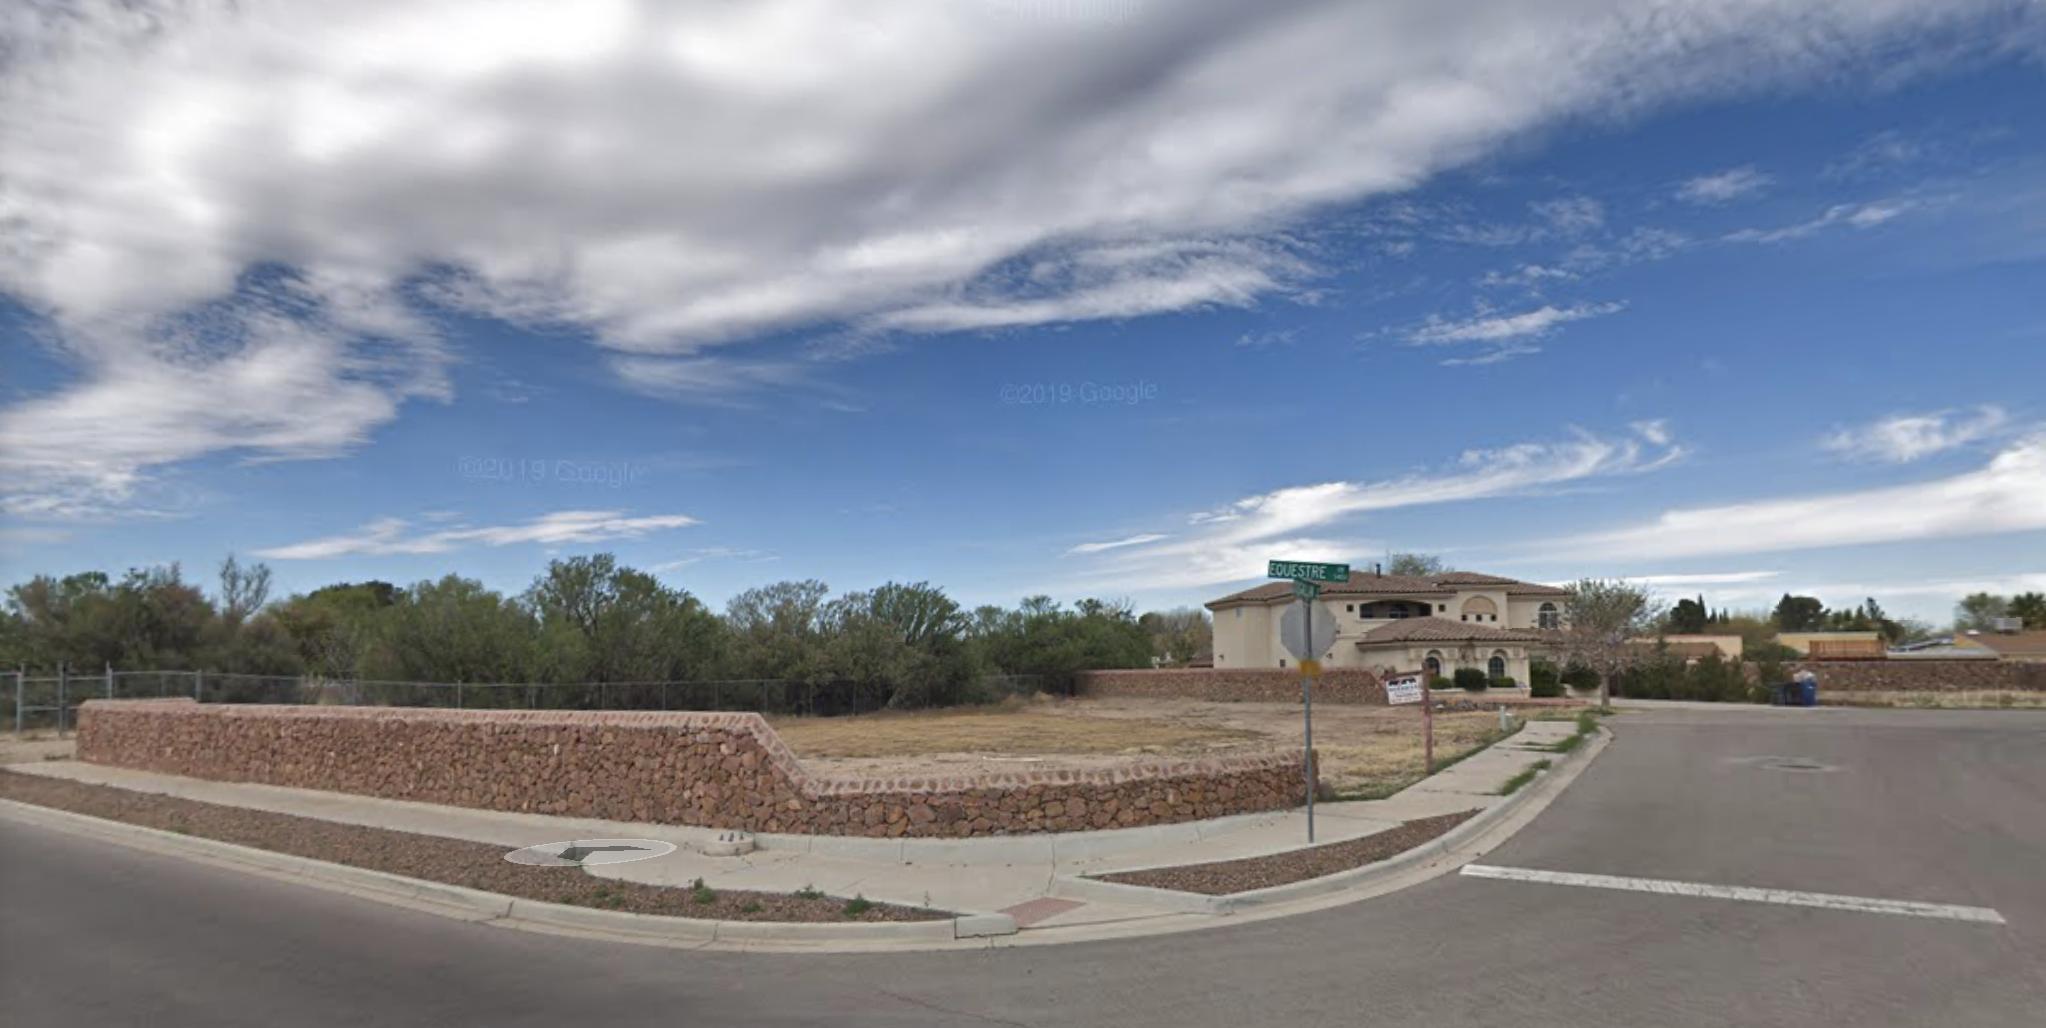 5421 DougAllan, El Paso, Texas 79932, 4 Bedrooms Bedrooms, ,3 BathroomsBathrooms,Residential,For sale,DougAllan,840429